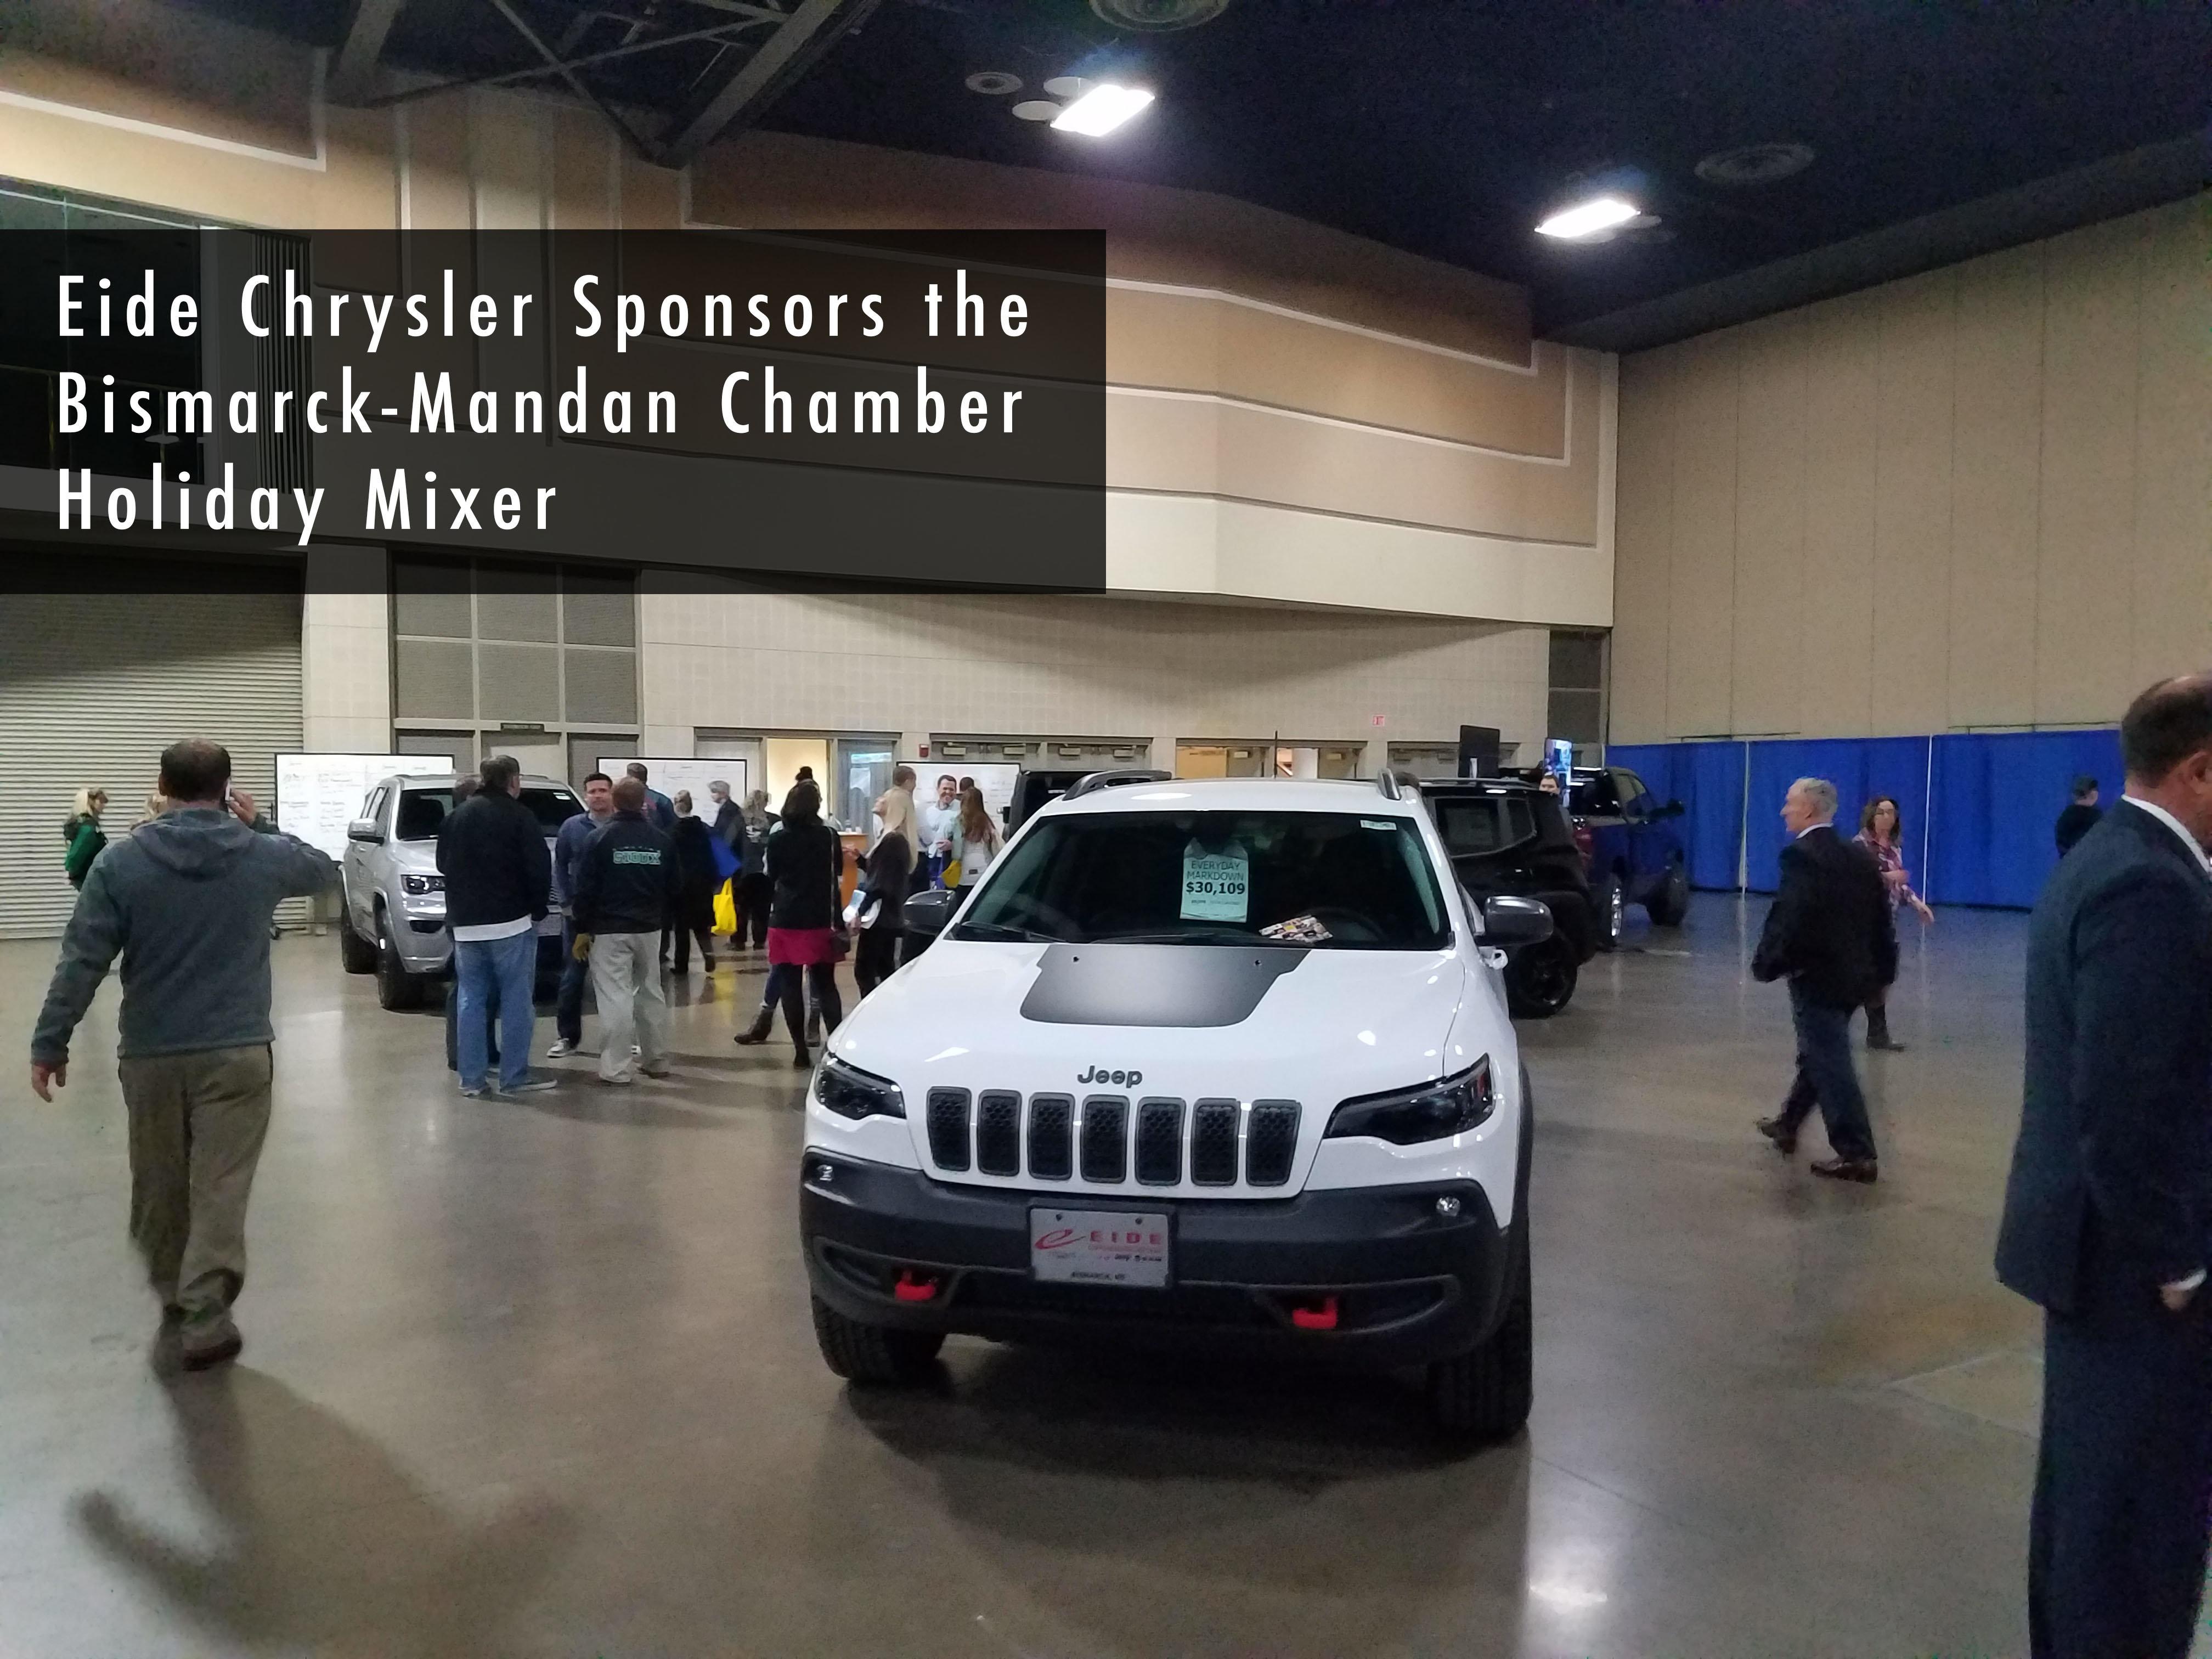 Eide Chrysler sponsors holiday mixer.